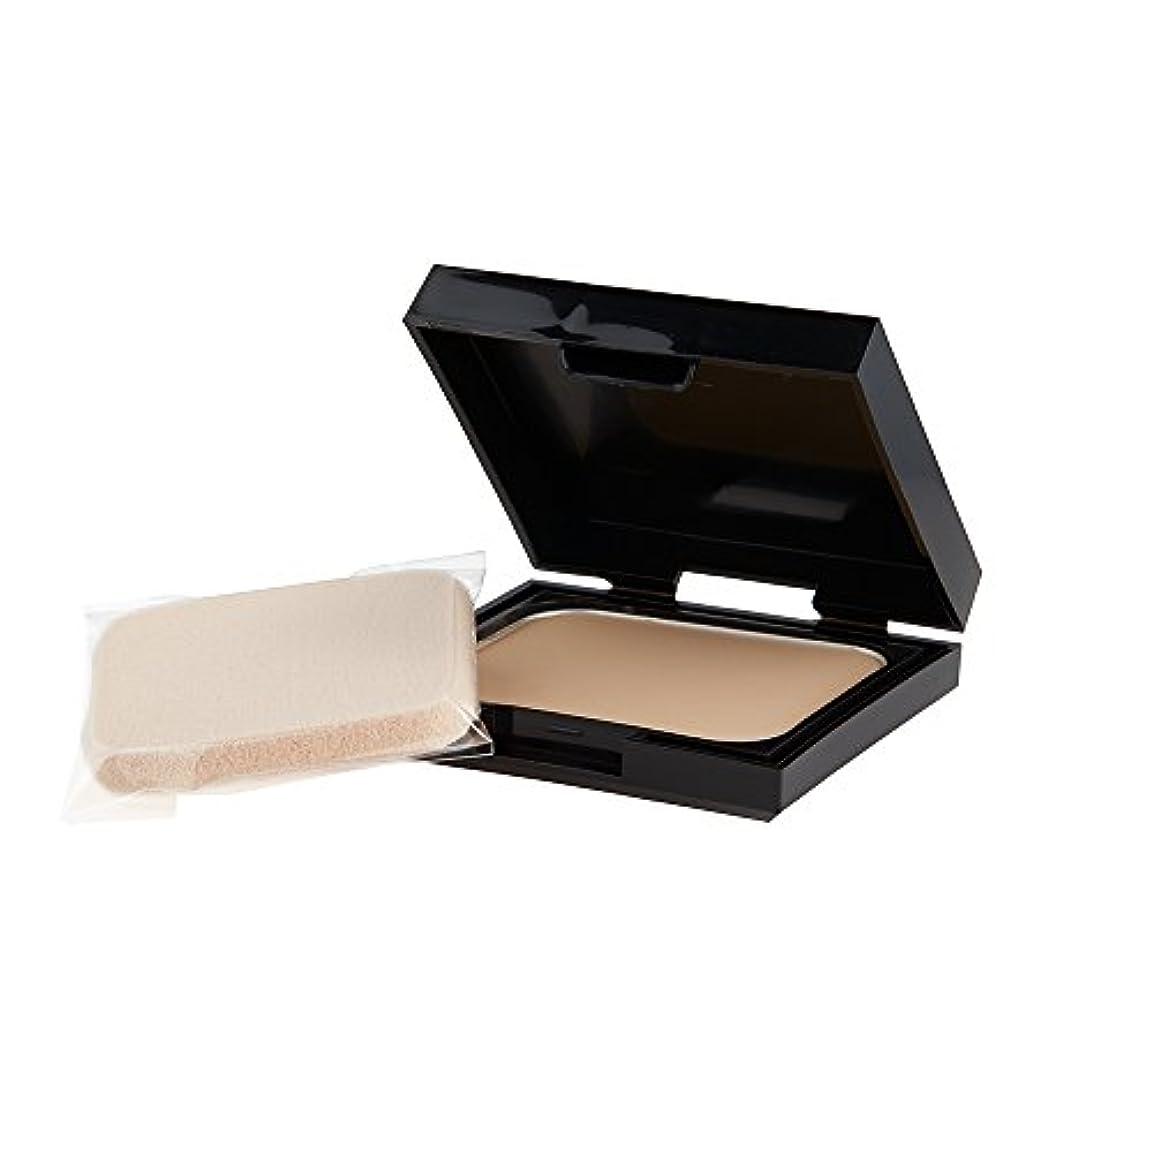 ネコ子豚資料レブロン カラーステイ UV パウダー ファンデーション 002 カラー:<標準色>やや明るめの肌色 オークル 20